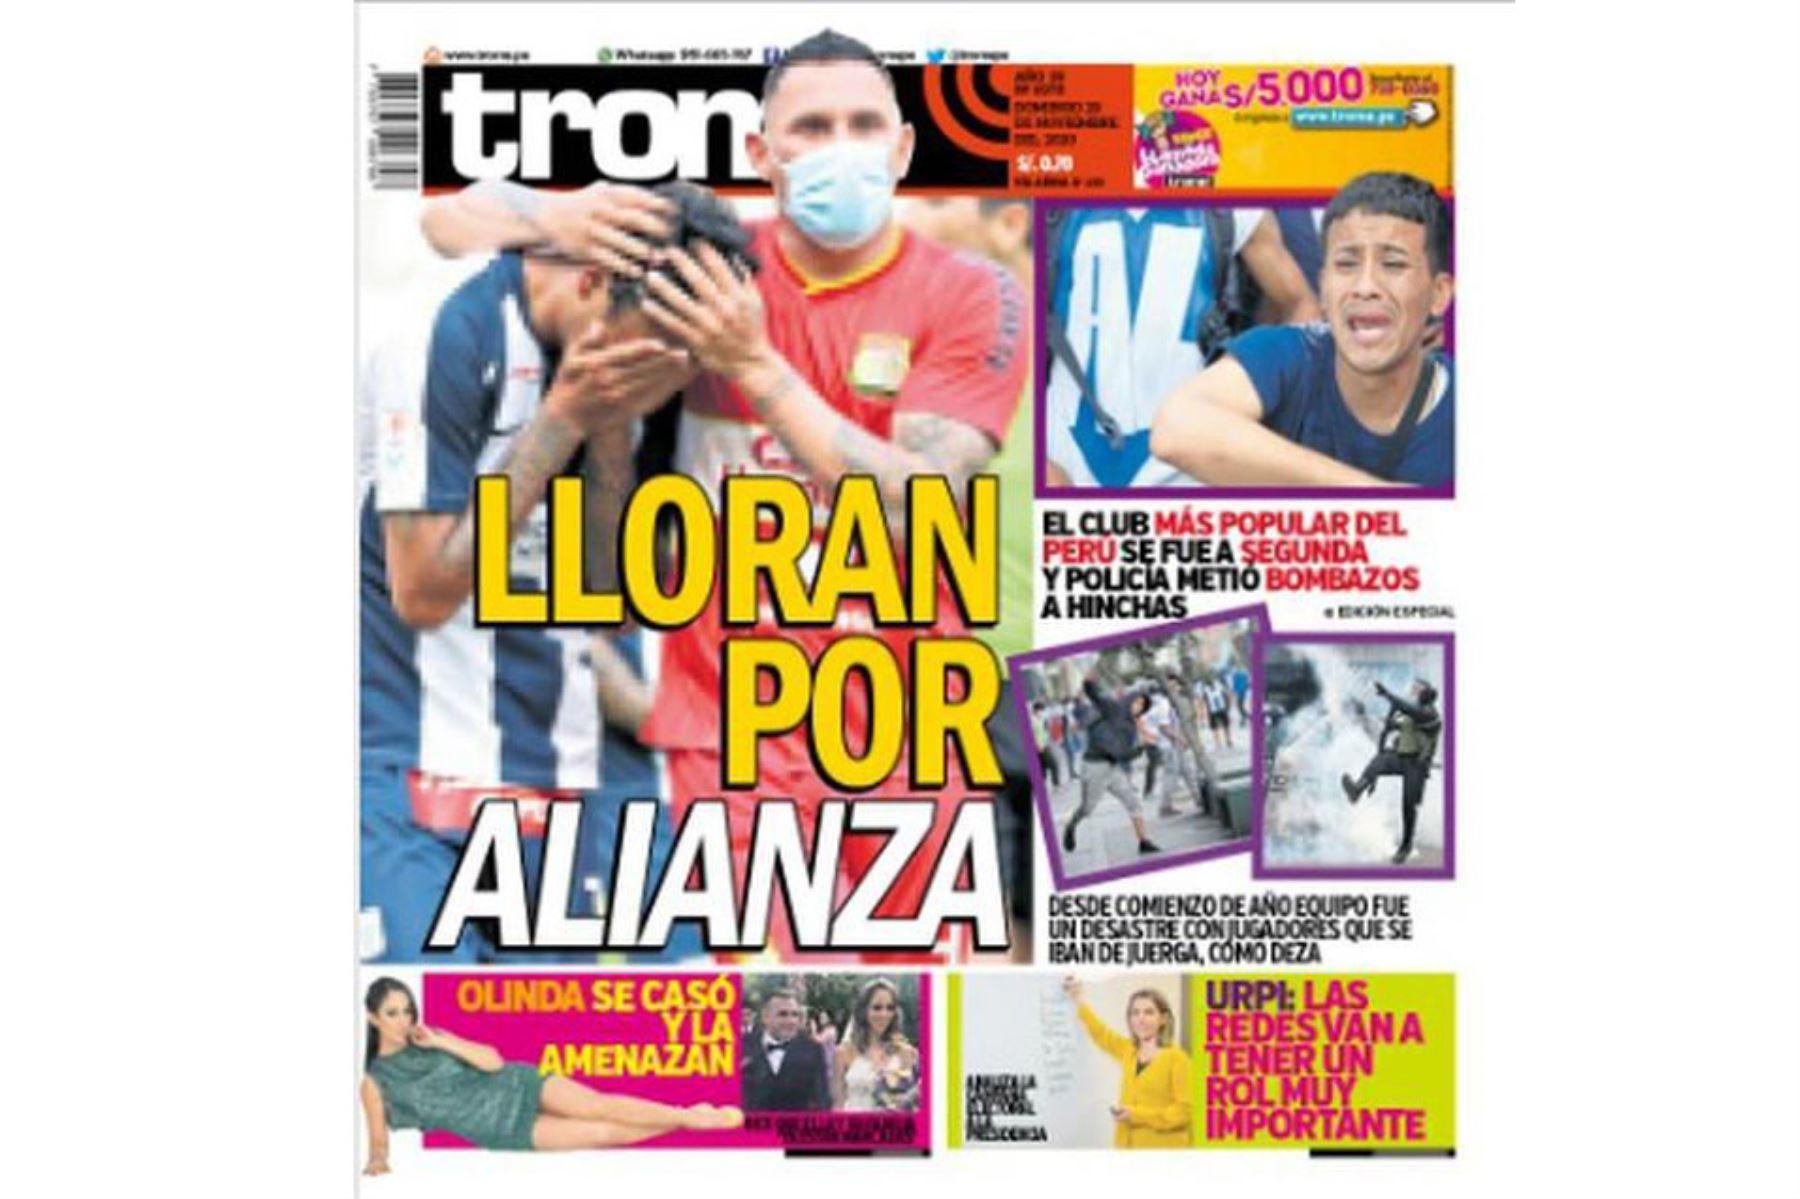 Así informaron algunos medios el descenso de Alianza Lima a la Segunda División. Trome. Foto: Difusión